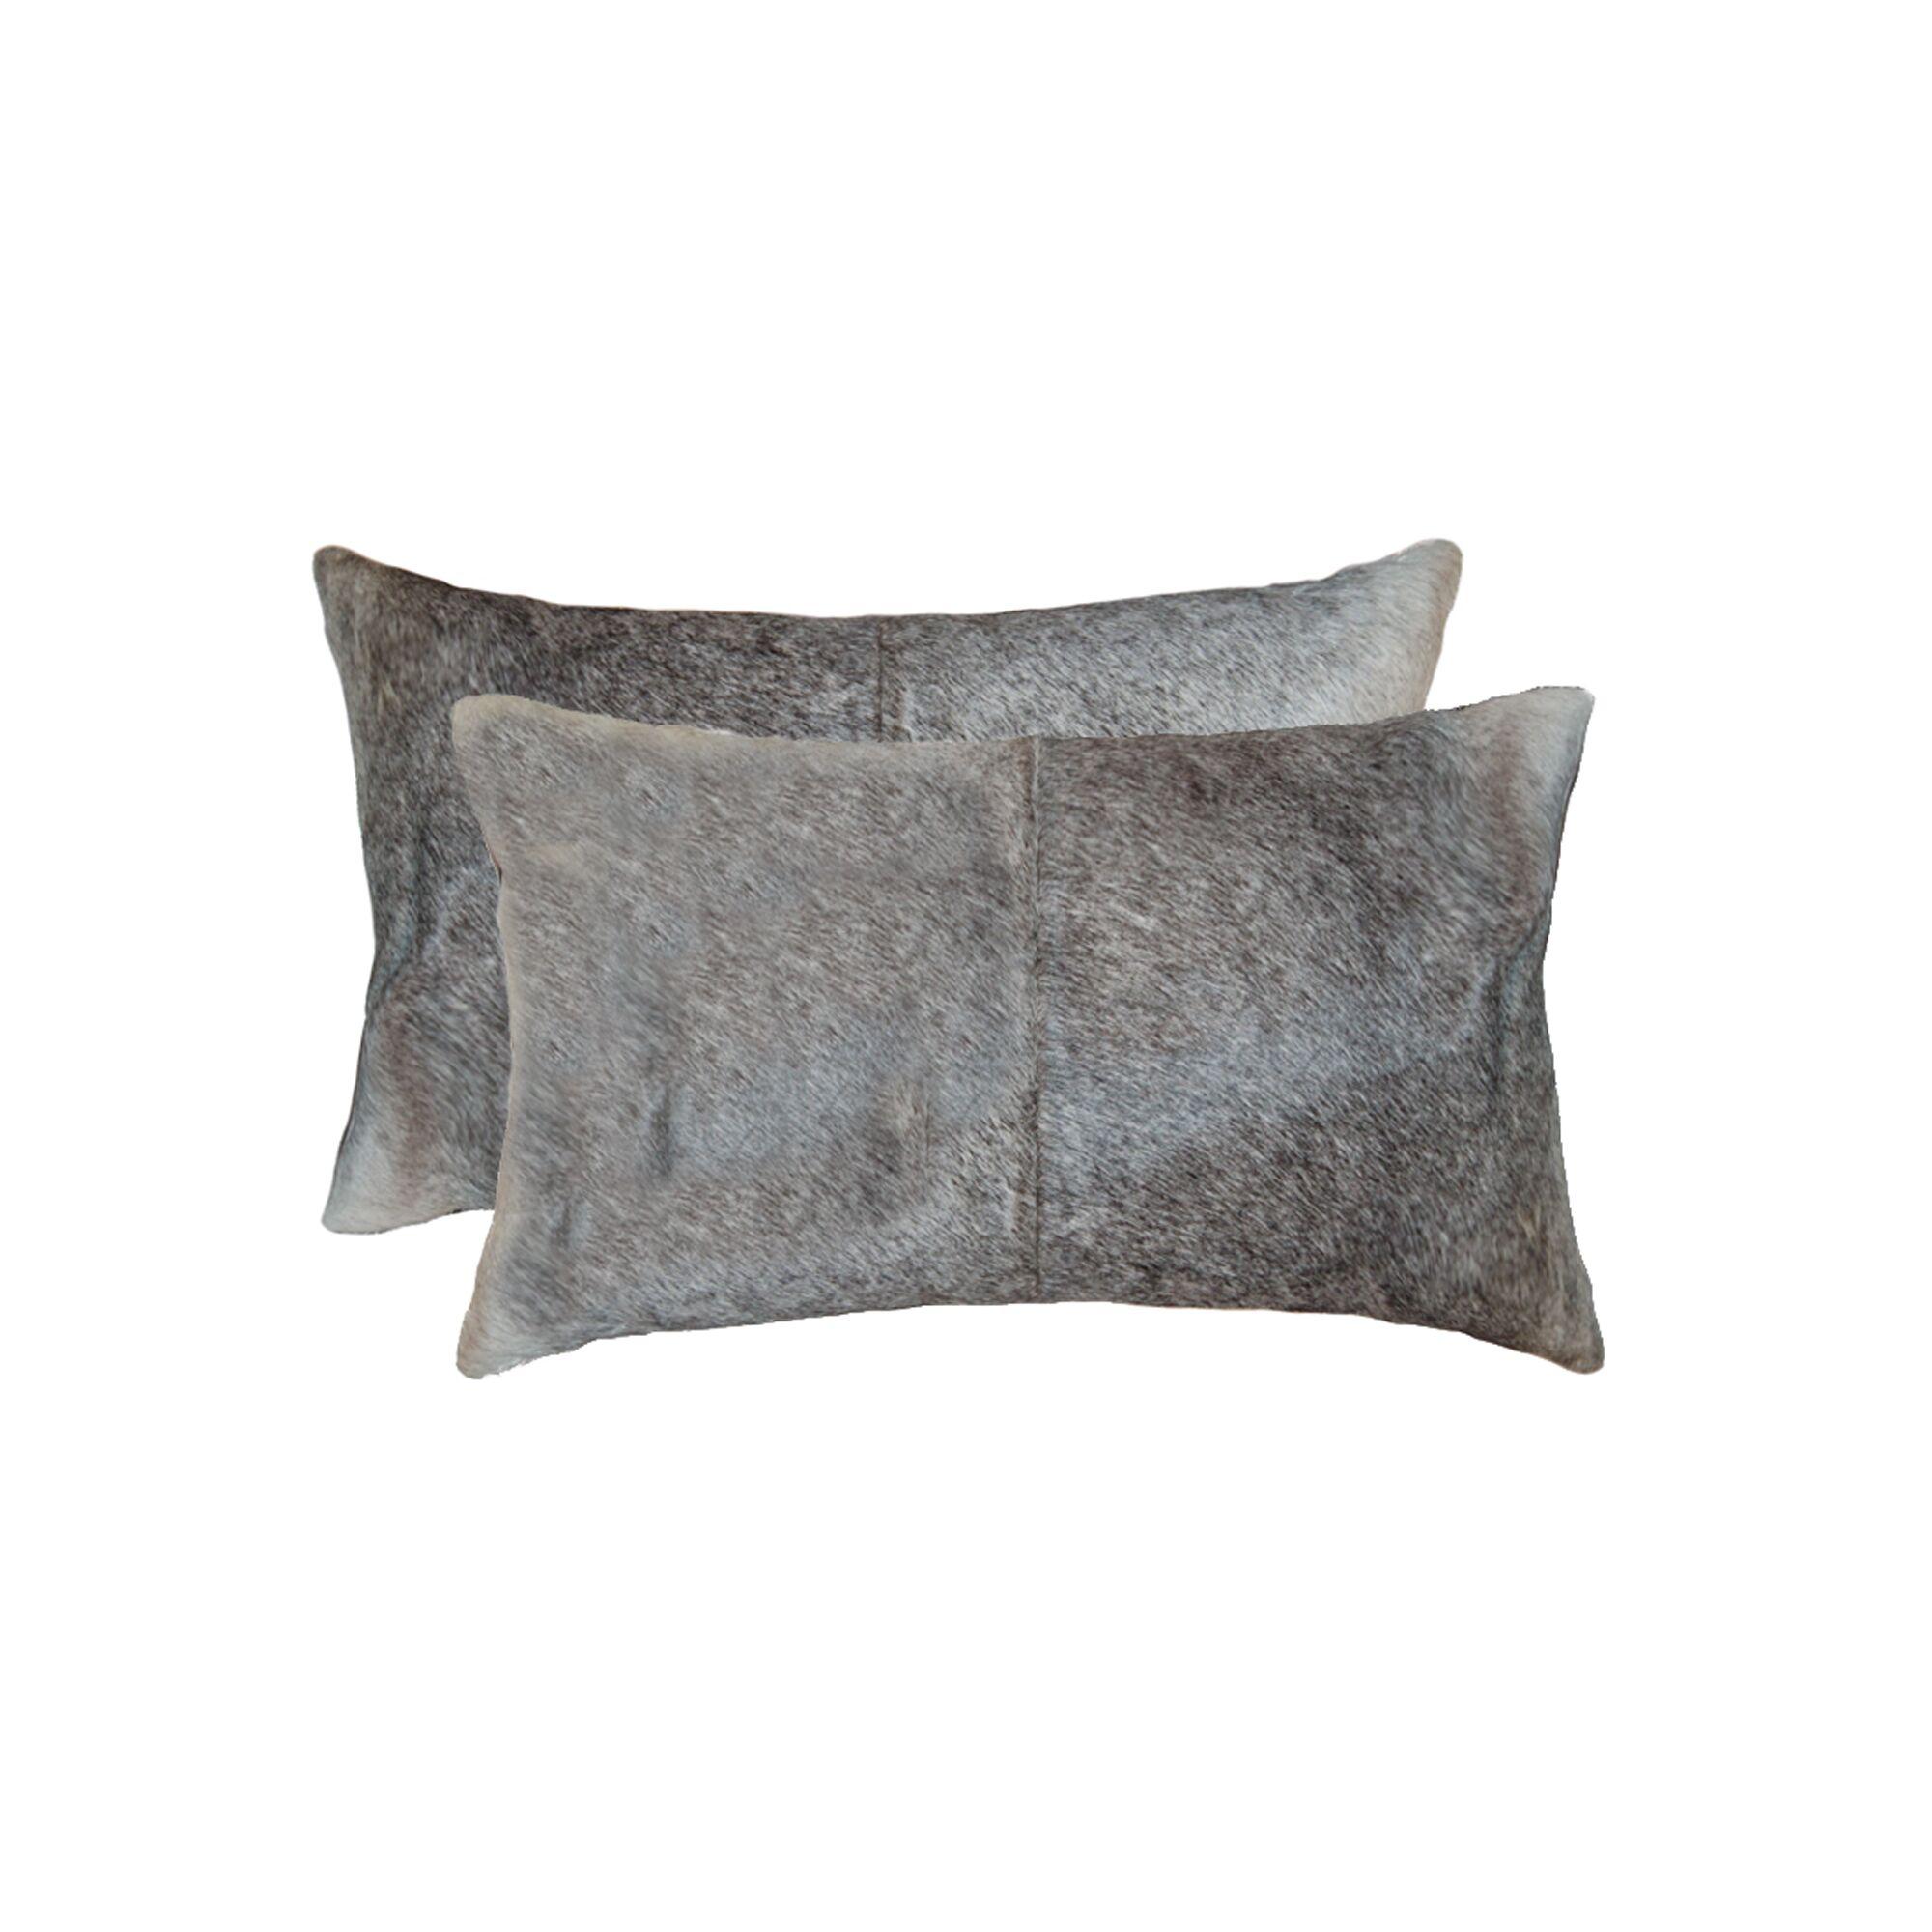 Abhinav Leather Lumbar Pillow